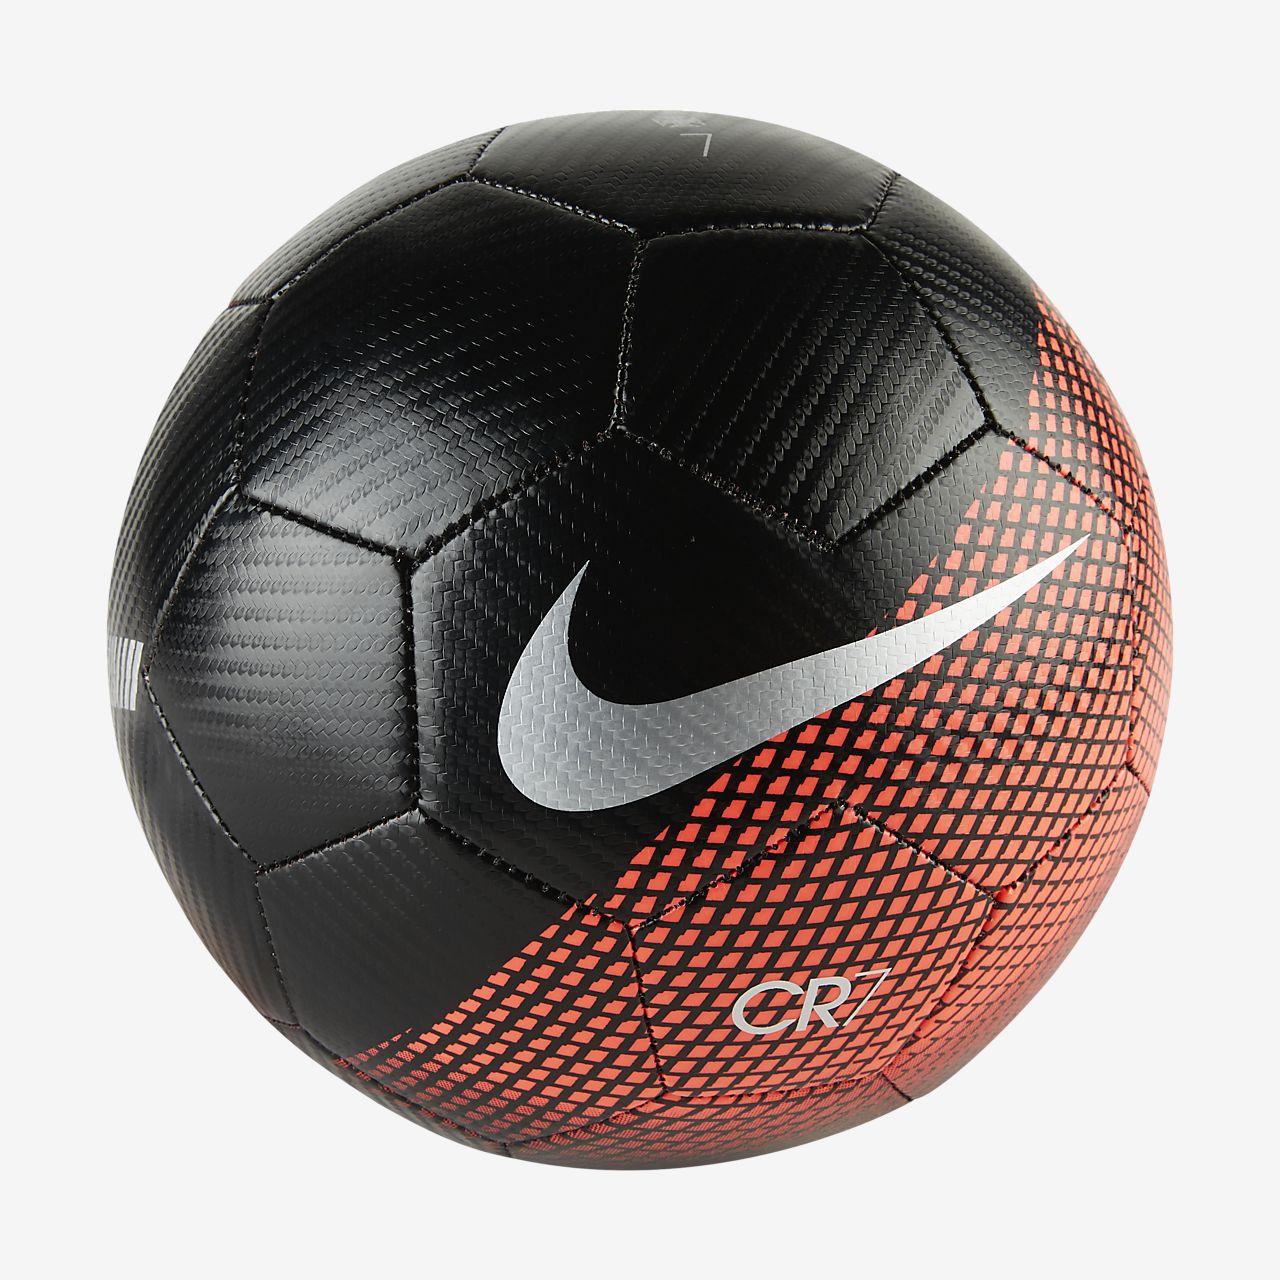 371660902 Bola de futebol Nike CR7 Prestige. Nike.com PT